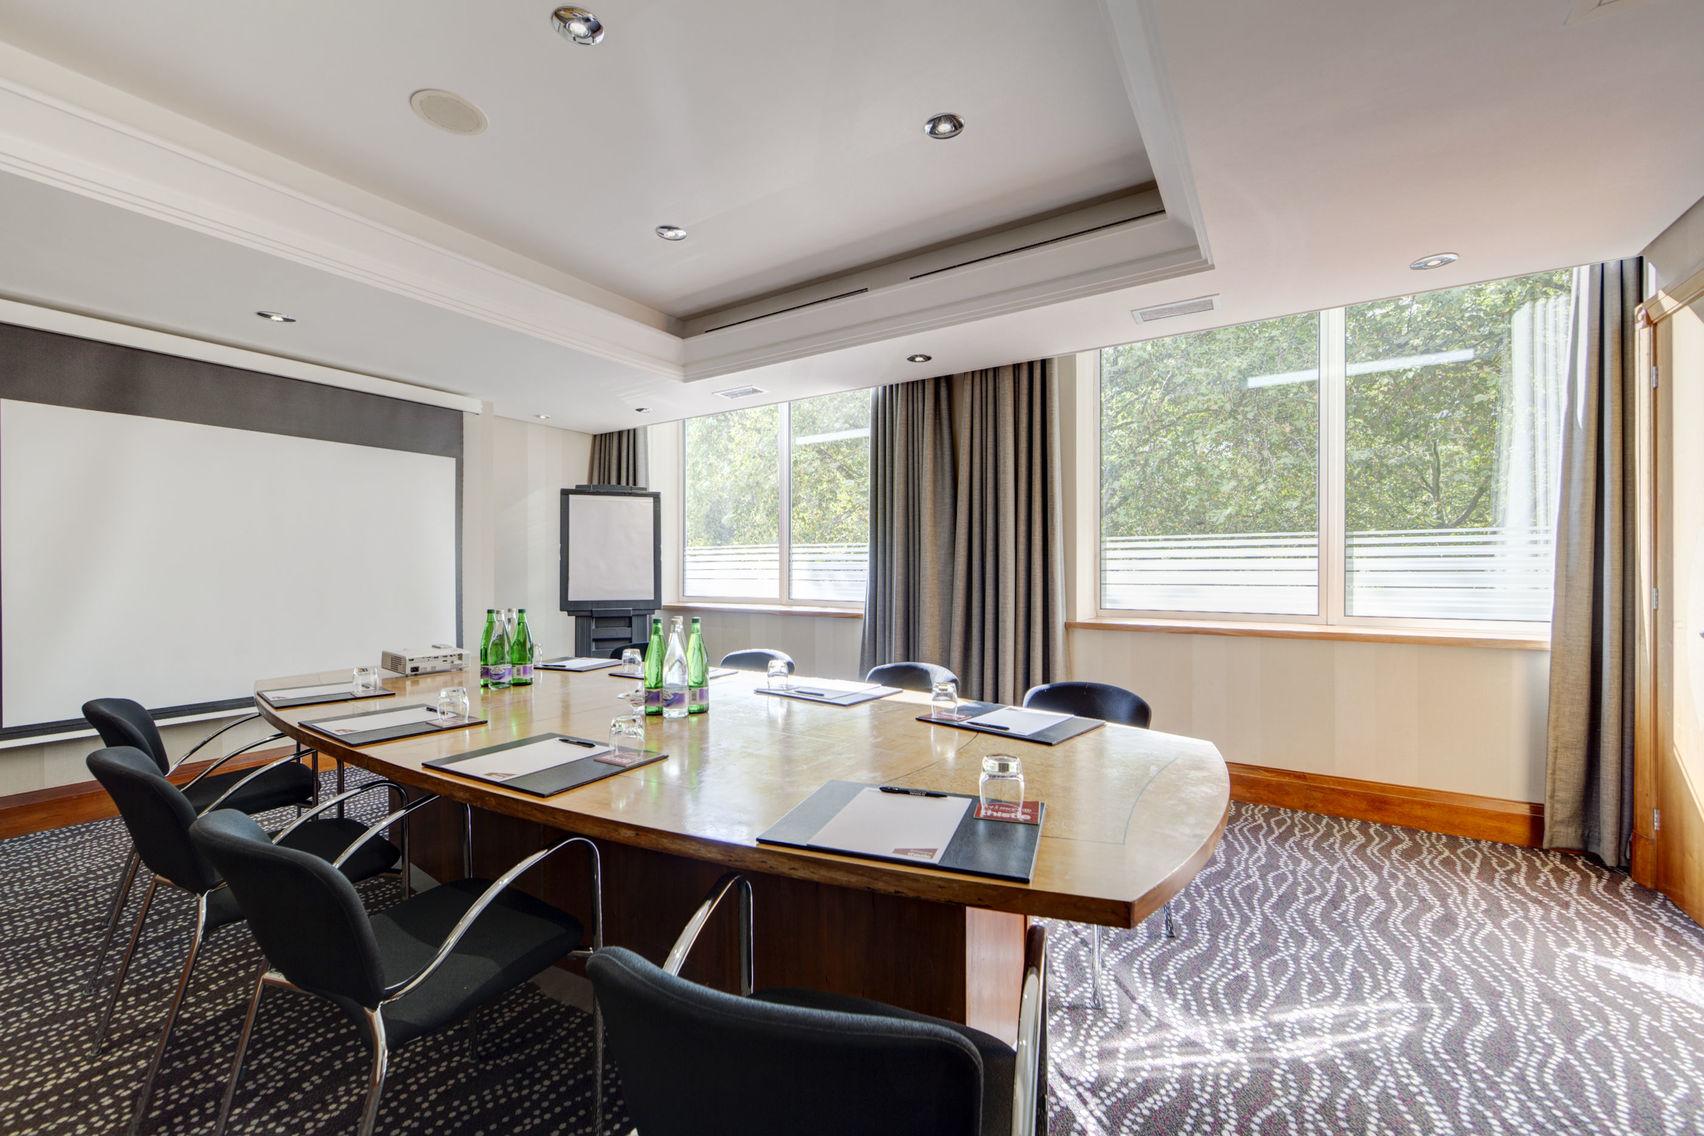 Book boardroom suite thistle kensington gardens hotel - Thistle kensington gardens hotel ...